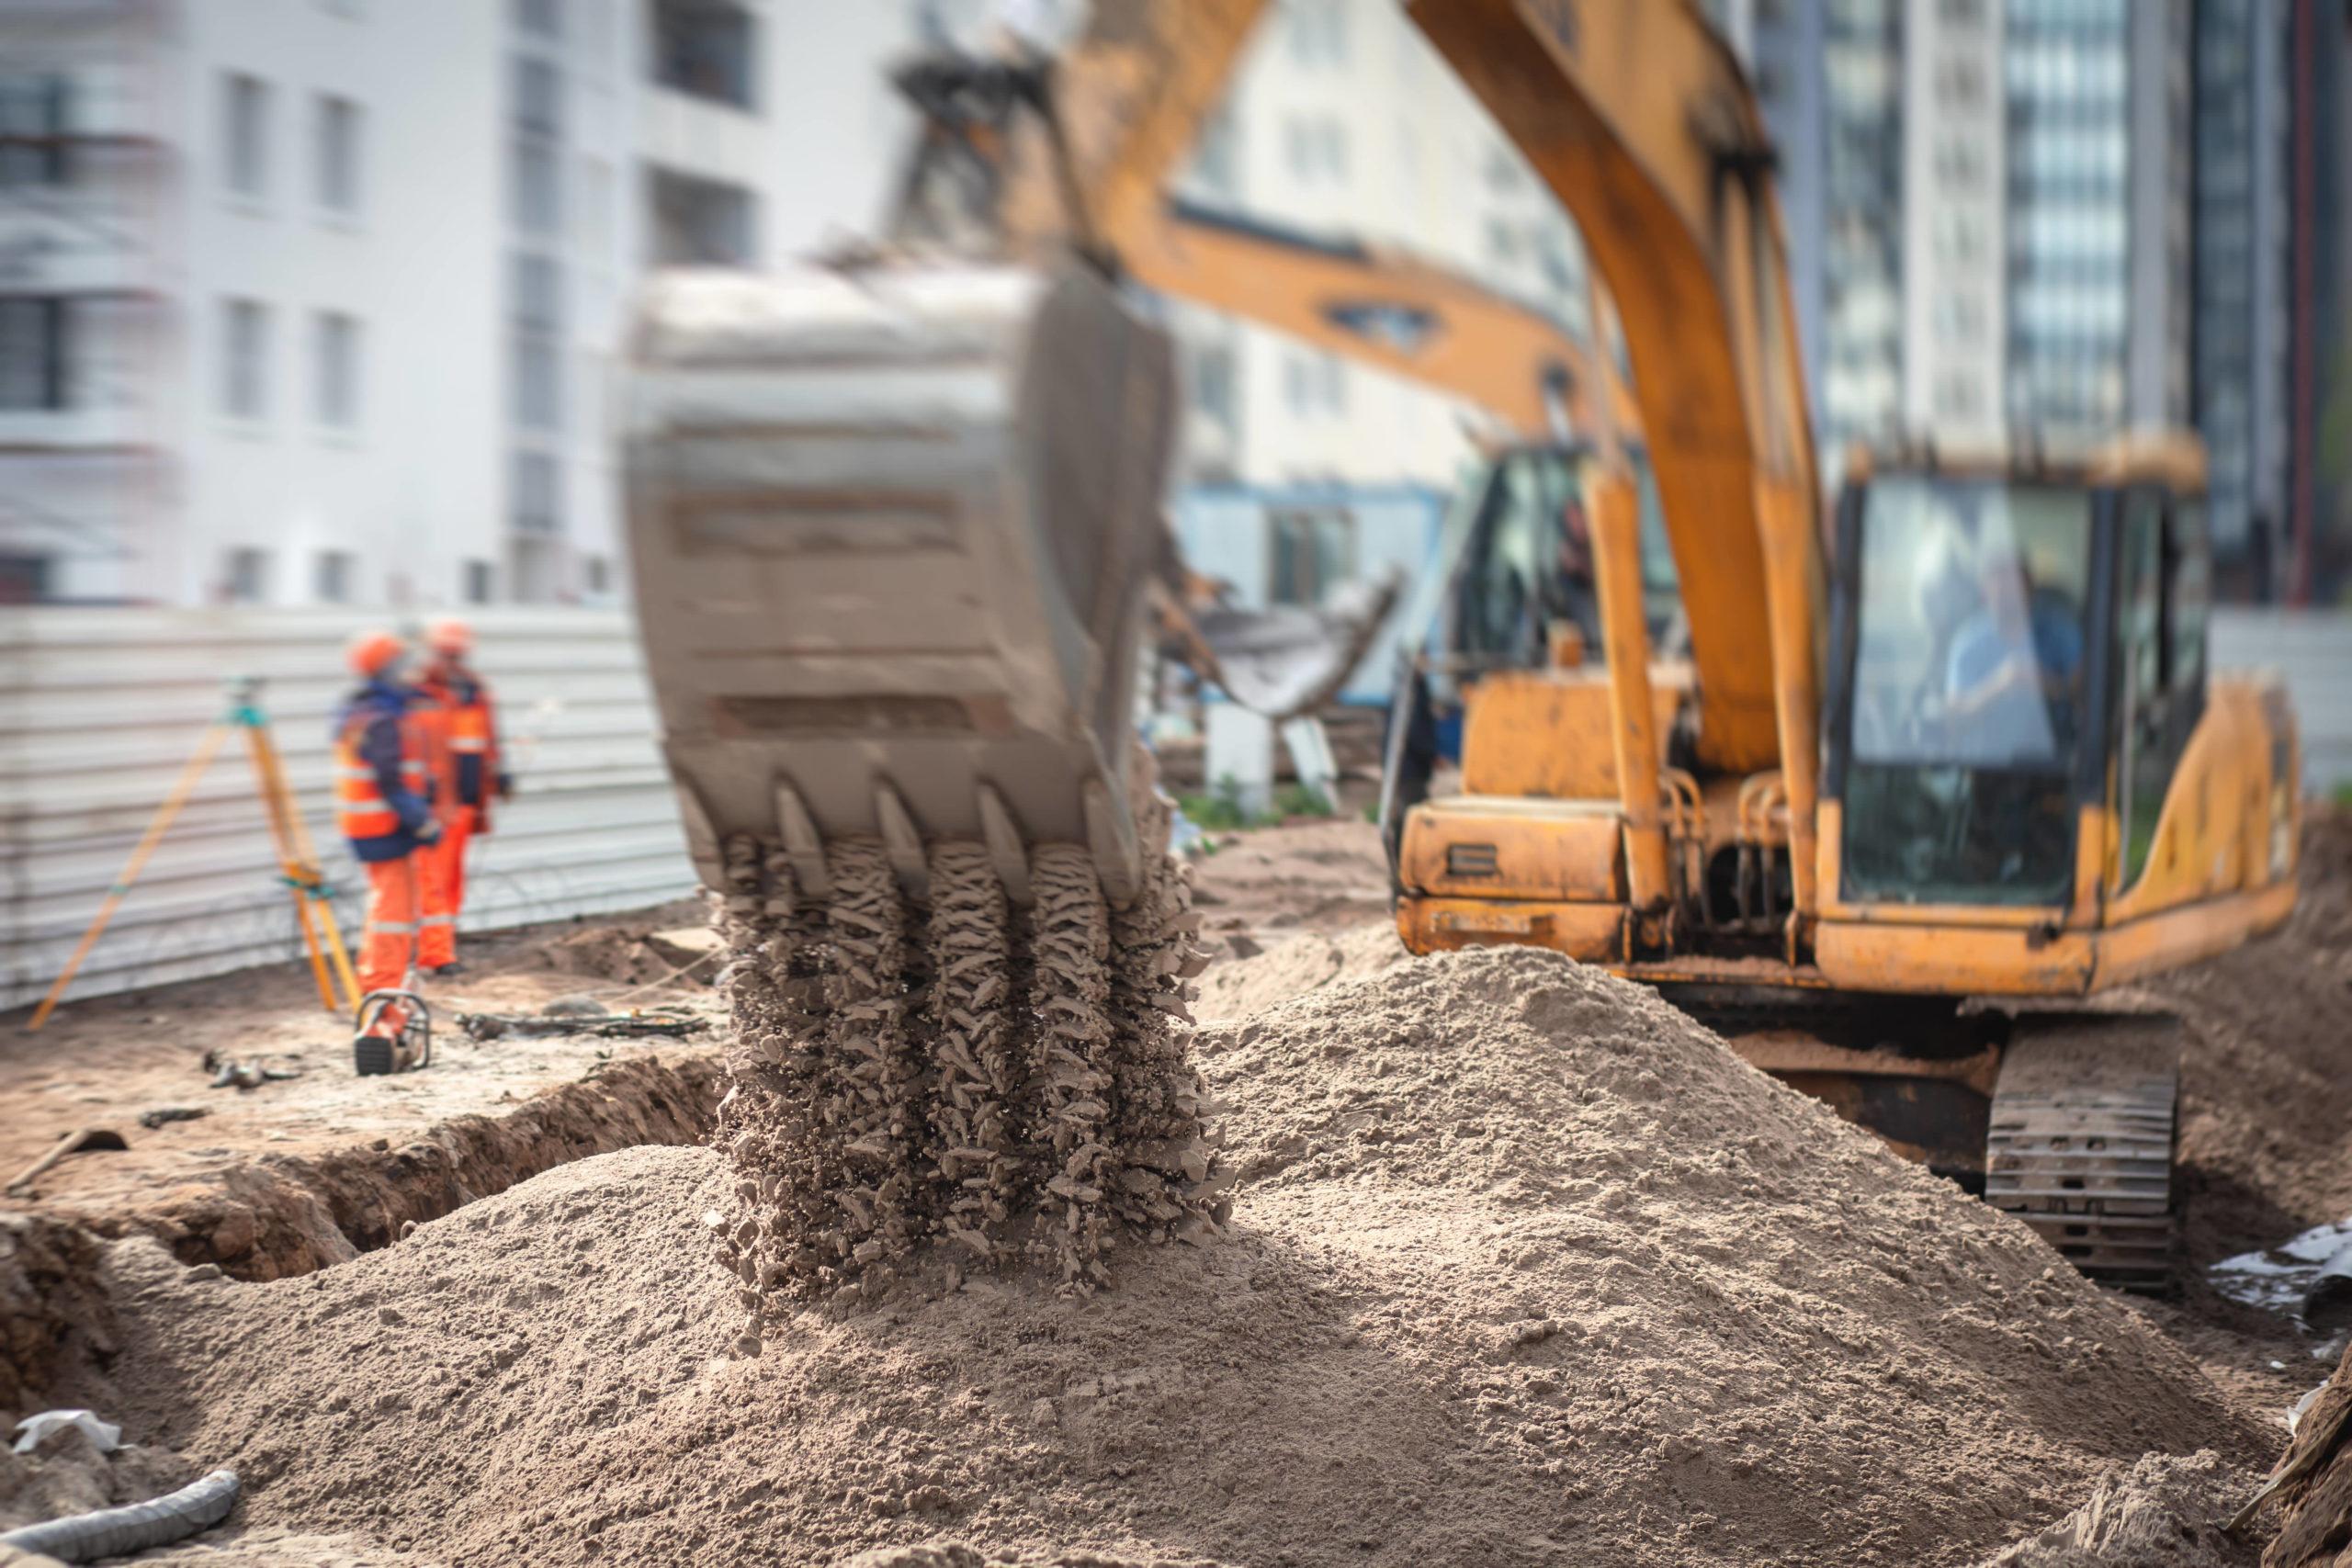 El sector de productos de construcción confirma la ralentización de su crecimiento